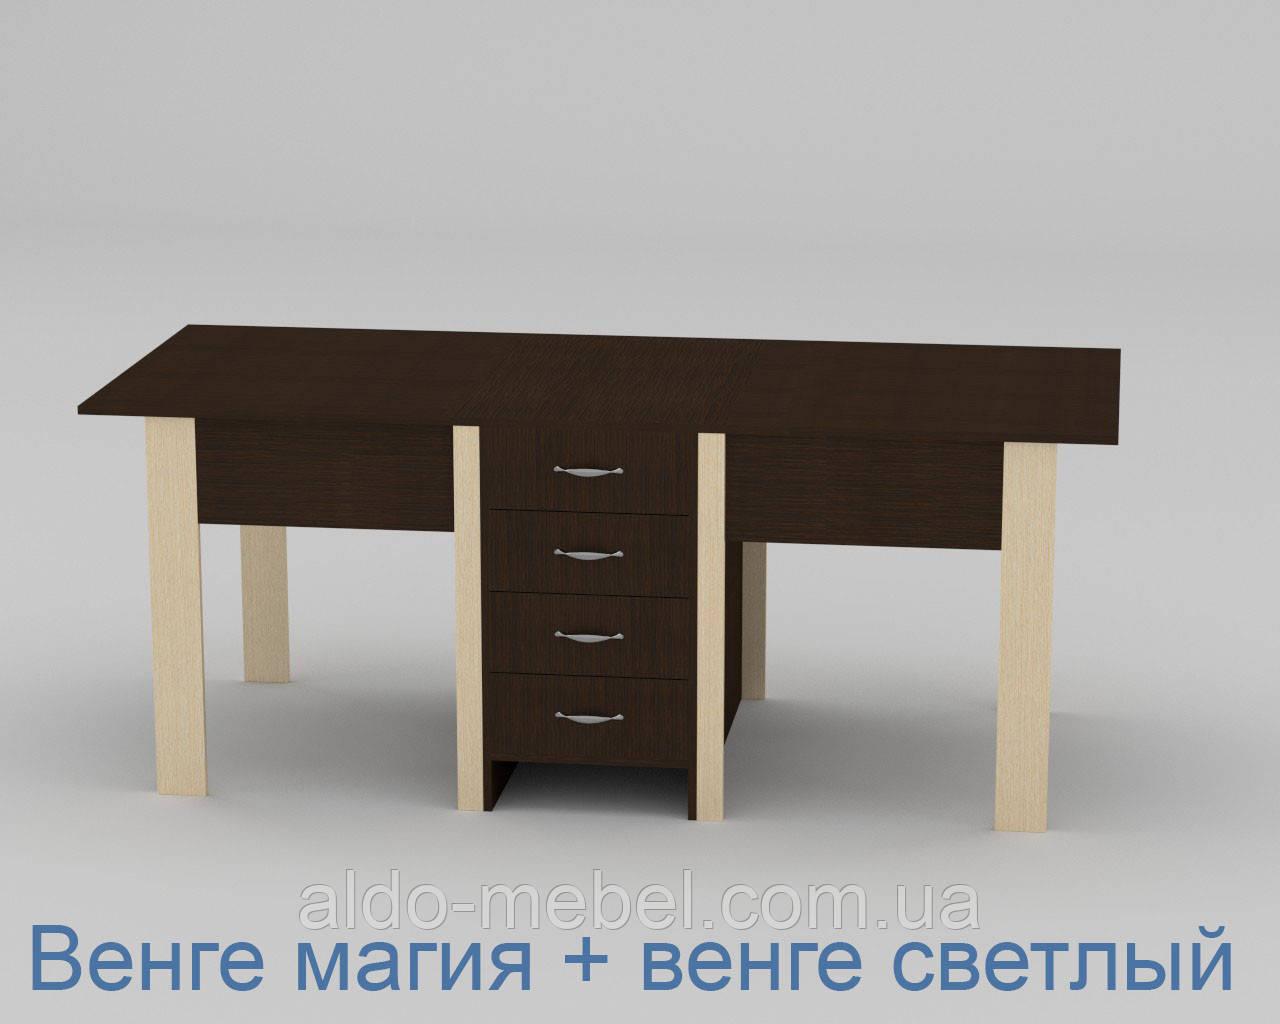 Стол книжка - 3 Габариты Ш - 800 мм; В - 750 мм; Г - 532 мм (Общая Ш - 1900 мм) (Компанит)